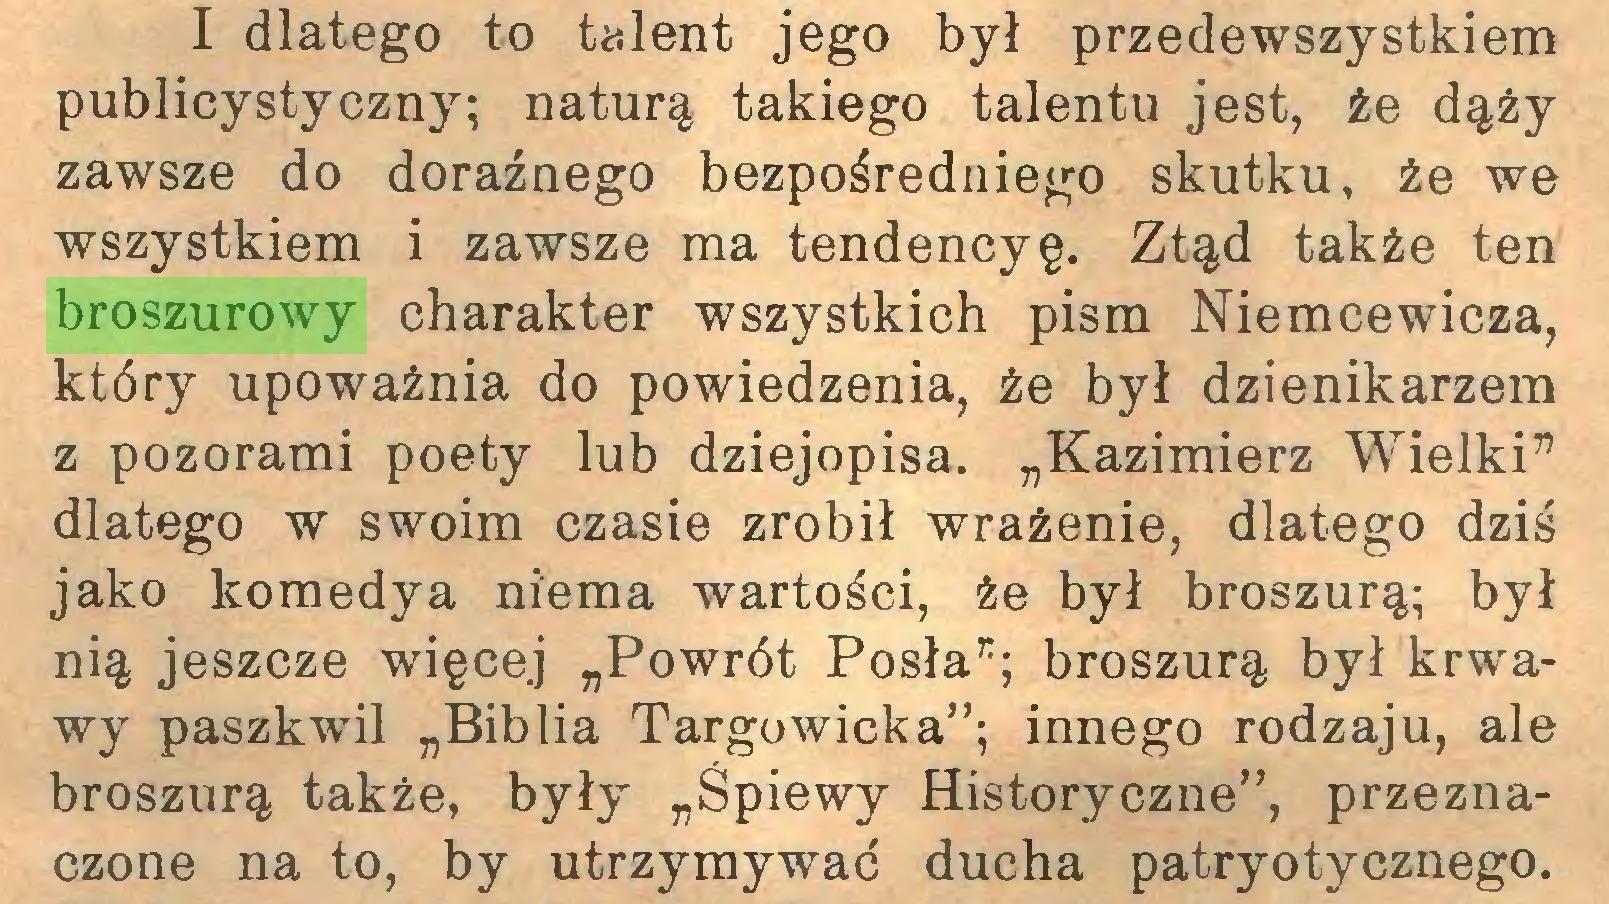 """(...) I dlatego to talent jego był przedewszystkiem publicystyczny; naturą takiego talentu jest, że dąży zawsze do doraźnego bezpośredniego skutku, że we wszystkiem i zawsze ma tendencyę. Ztąd także ten broszurowy charakter wszystkich pism Niemcewicza, który upoważnia do powiedzenia, że był dzienikarzem z pozorami poety lub dziejopisa. """"Kazimierz Wielki"""" dlatego w swoim czasie zrobił wrażenie, dlatego dziś jako komedya niema wartości, że był broszurą; był nią jeszcze więcej """"Powrót Posła""""; broszurą był krwawy paszkwil """"Biblia Targowicka""""; innego rodzaju, ale broszurą także, były """"Śpiewy Historyczne"""", przeznaczone na to, by utrzymywać ducha patryotycznego..."""